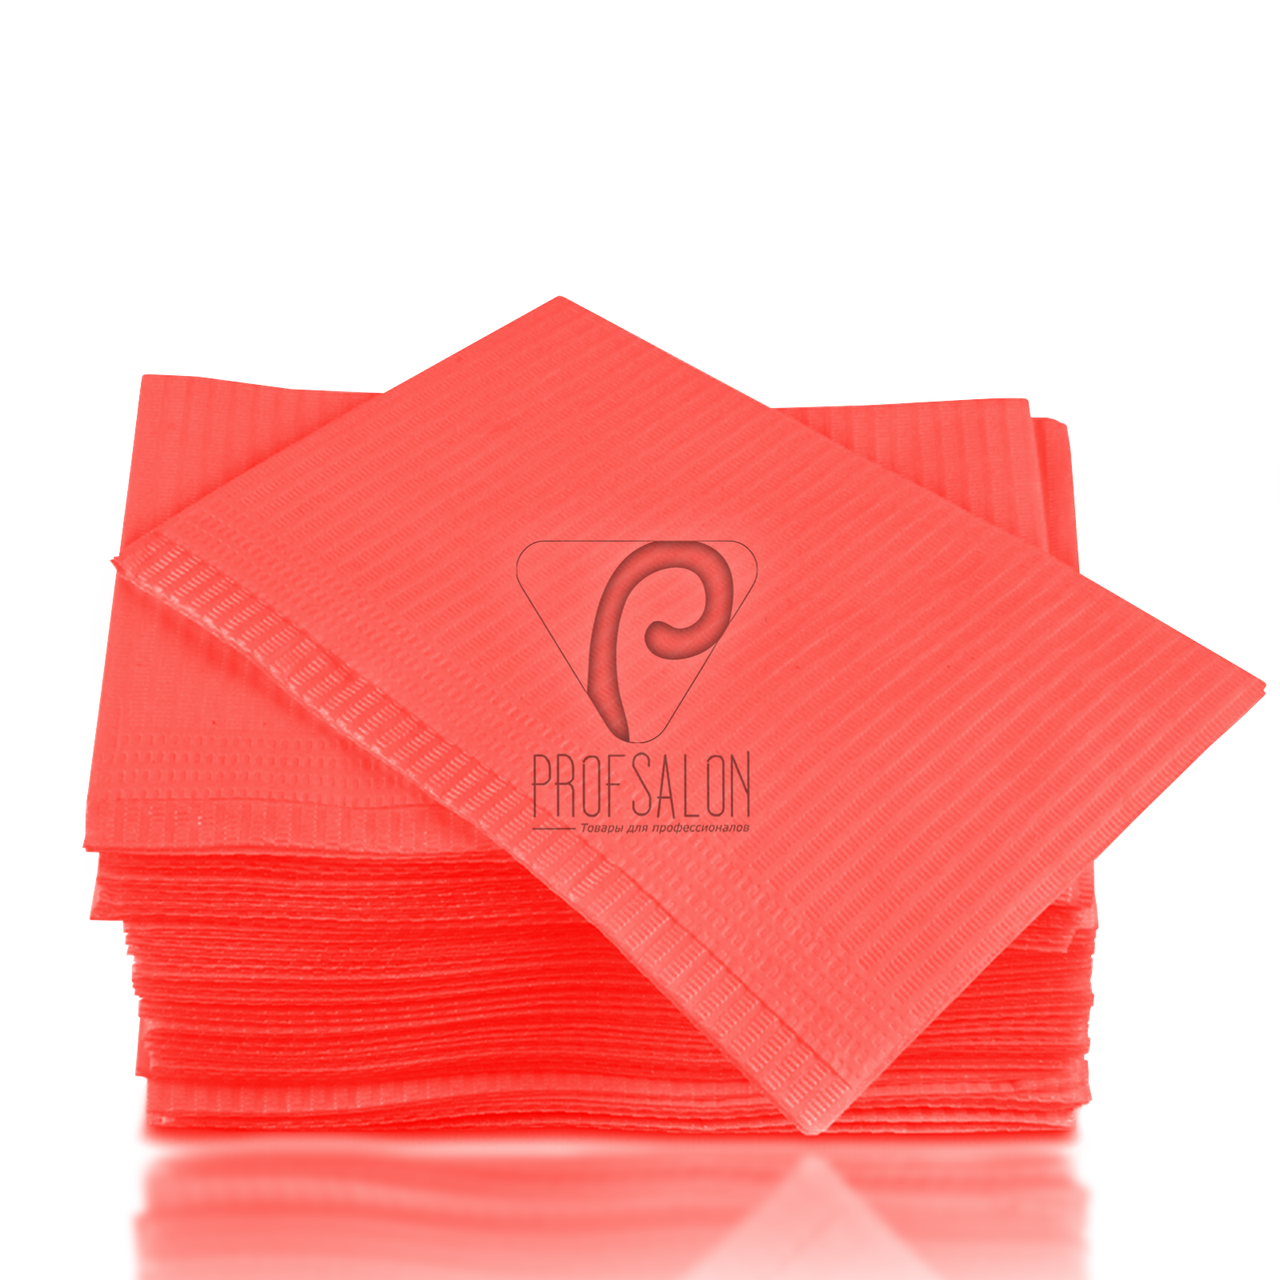 Стоматологические салфетки нагрудники непромокаемые, 125 шт, 45х32см, красные